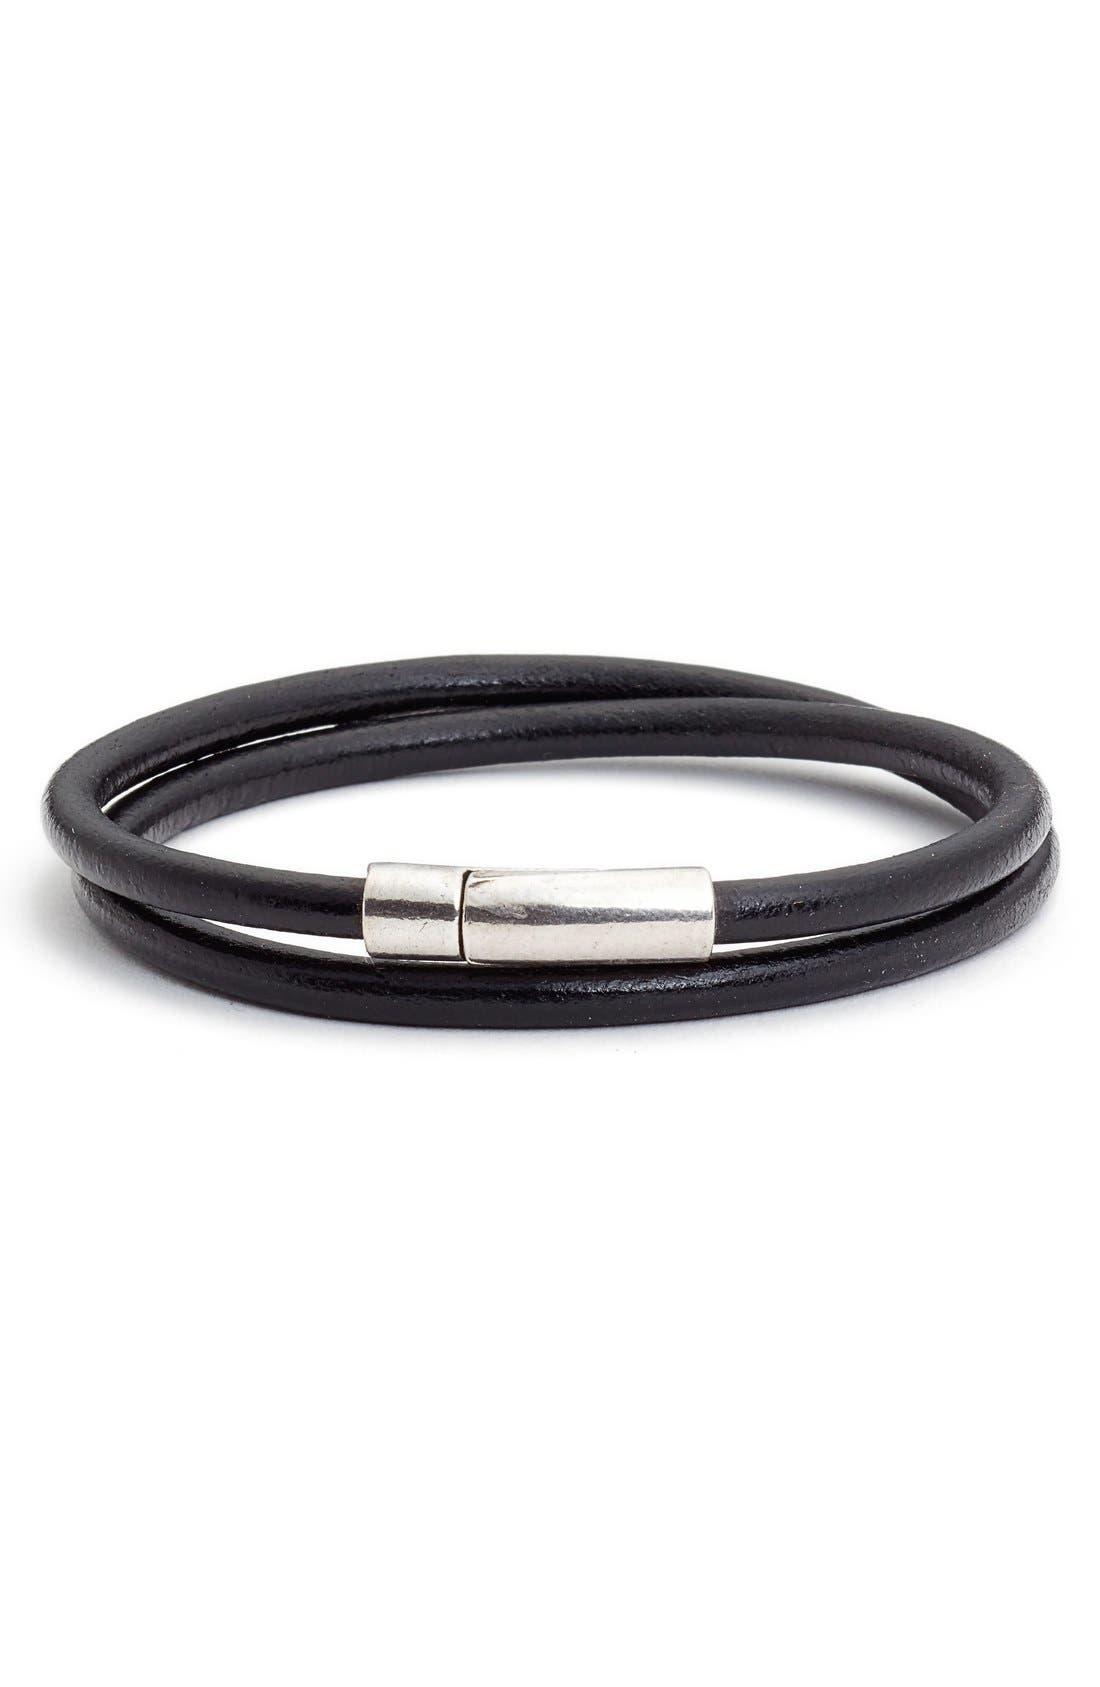 Leather Wrap Bracelet,                             Main thumbnail 1, color,                             Black